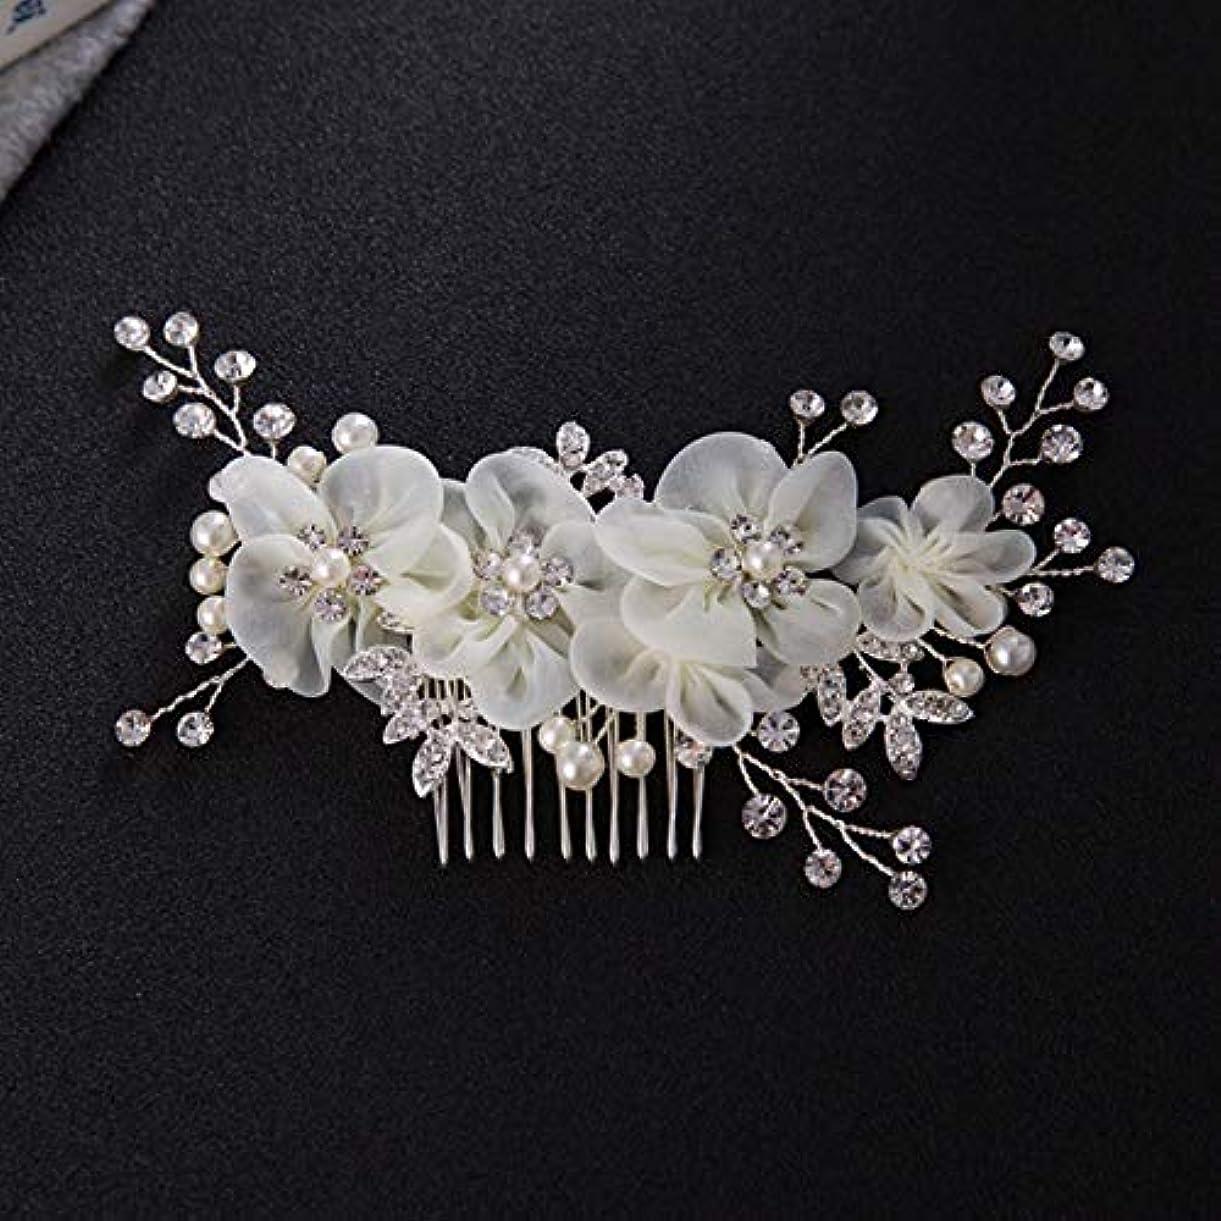 タンク不屈コーヒーWadachikis 耐久新しいファッションラグジュアリークリスタル結婚式ブライダルヘアクリップ(None white)